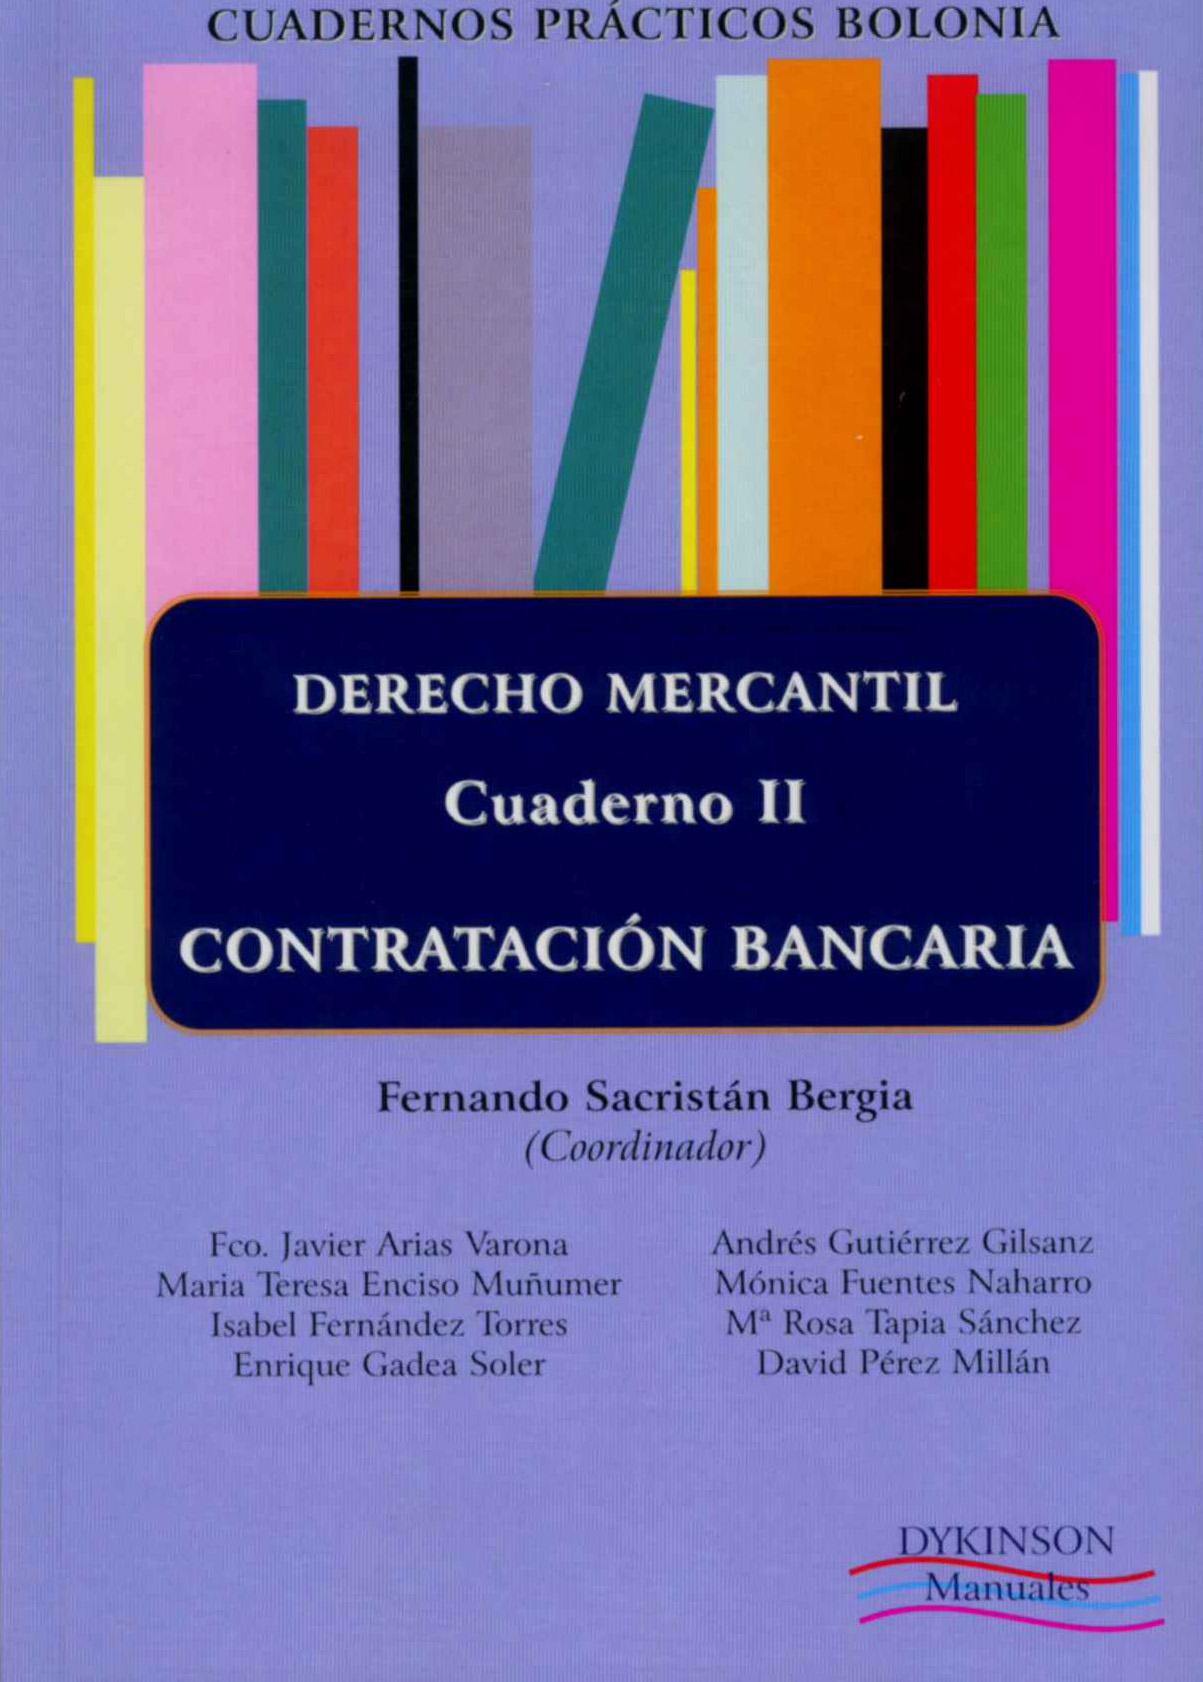 CUADERNOS PRÁCTICOS BOLONIA II : DERECHO MERCANTIL : CONTRATACIÓN BANCARIA